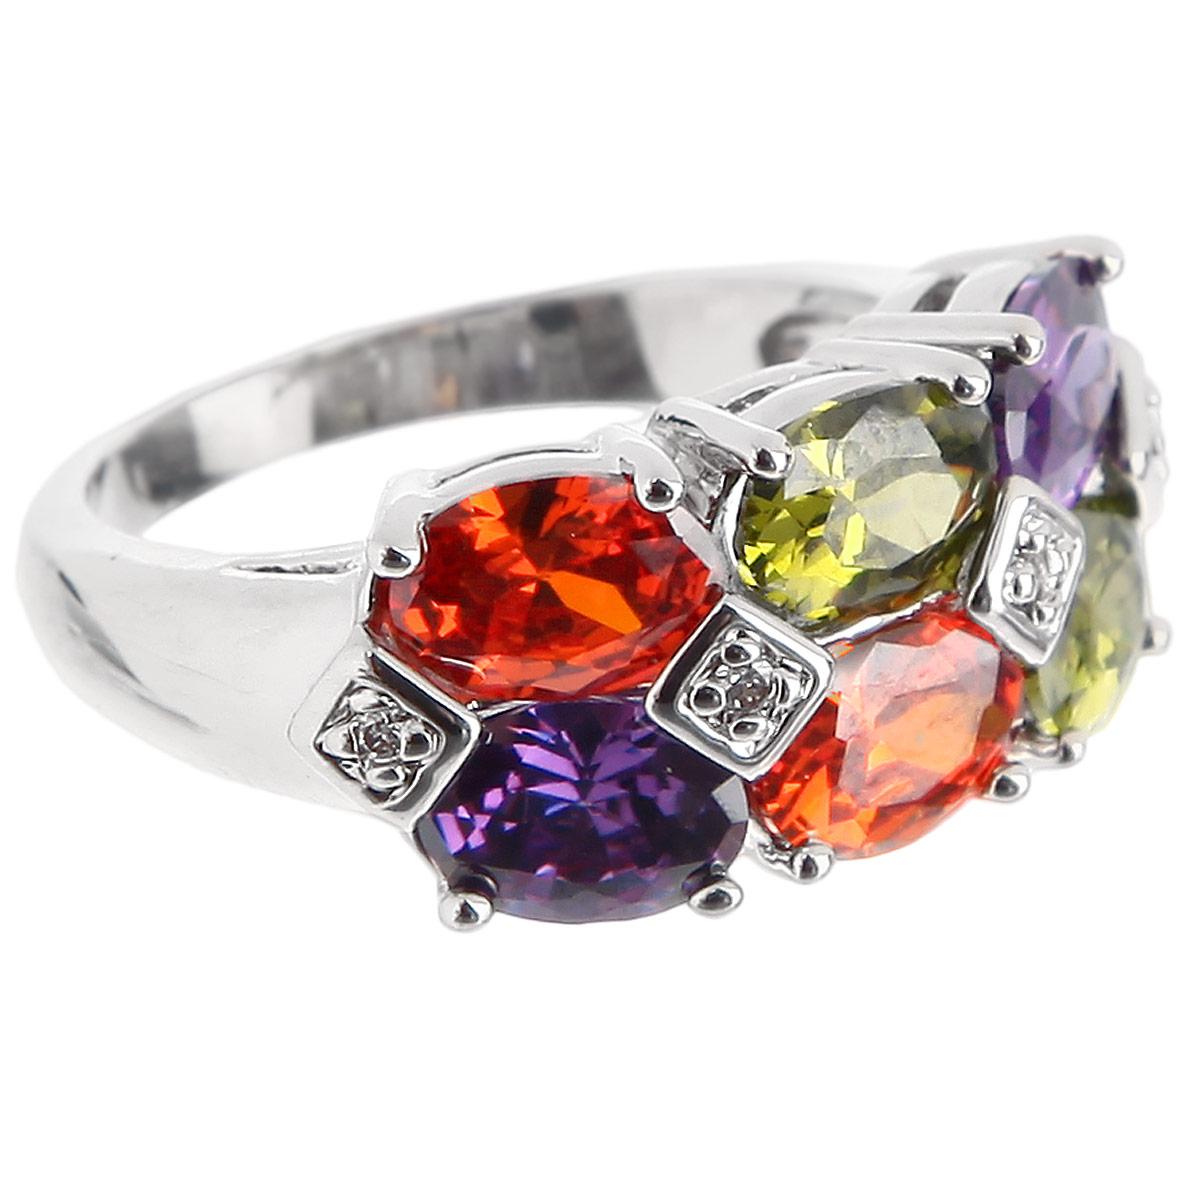 Кольцо Taya, цвет: серебристый, мультиколор. T-B-4775T-B-4775-RING-DARK.MULTIВеликолепное кольцо Taya выполнено из гипоаллергенного ювелирного сплава на основе латуни. Кольцо дополнено крупными сверкающими цветными камнями и мелкими прозрачными кристаллами. Идеальная огранка камня заставляет его сверкать при любом освещении. Кольцо подчеркнет вашу яркую индивидуальность и поможет создать неповторимый образ.